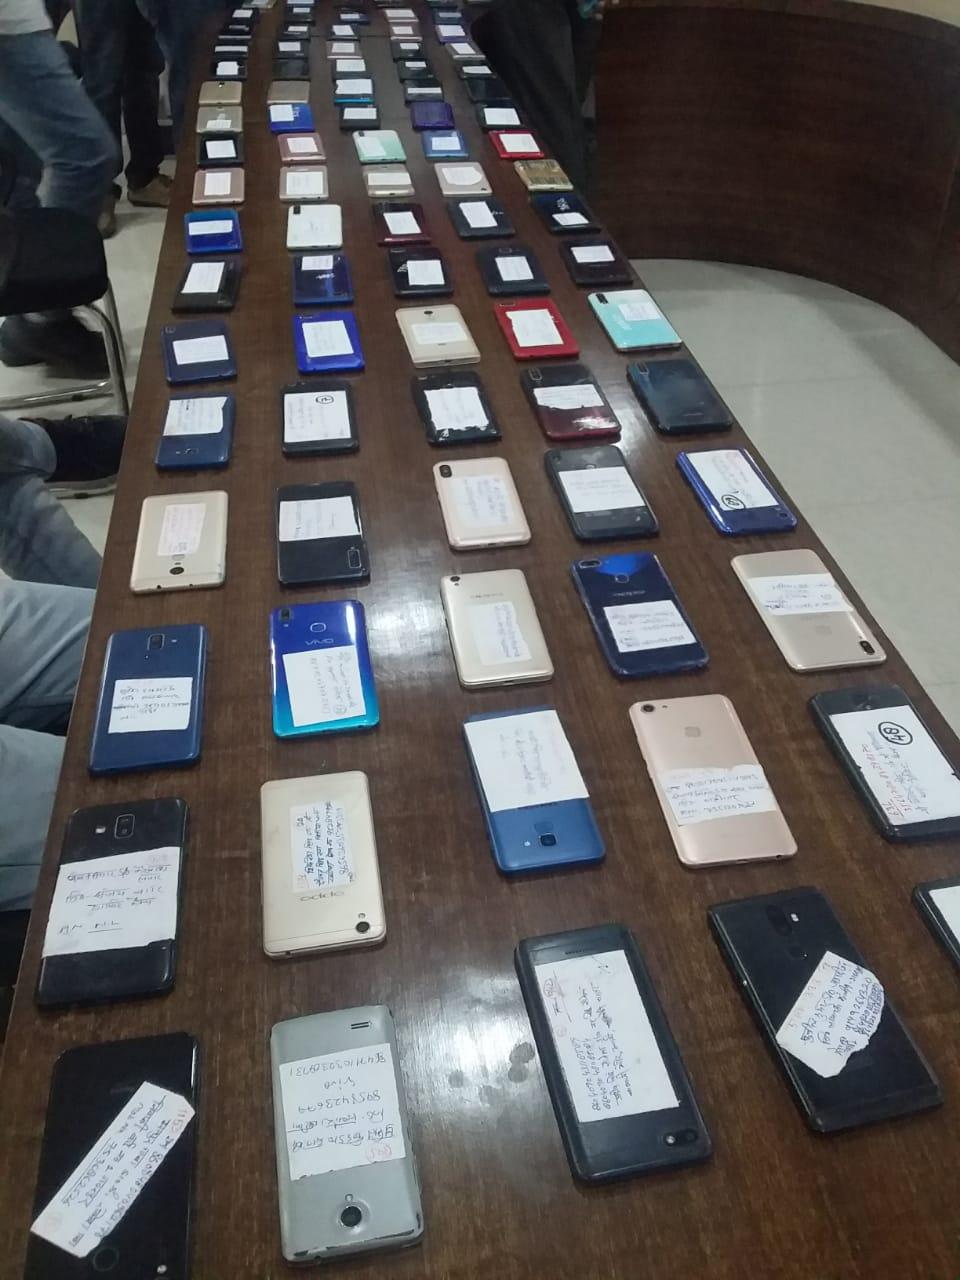 एसओजी टीम ने मोबाइल धारकों के चेहरे पर लौटाई खुशी